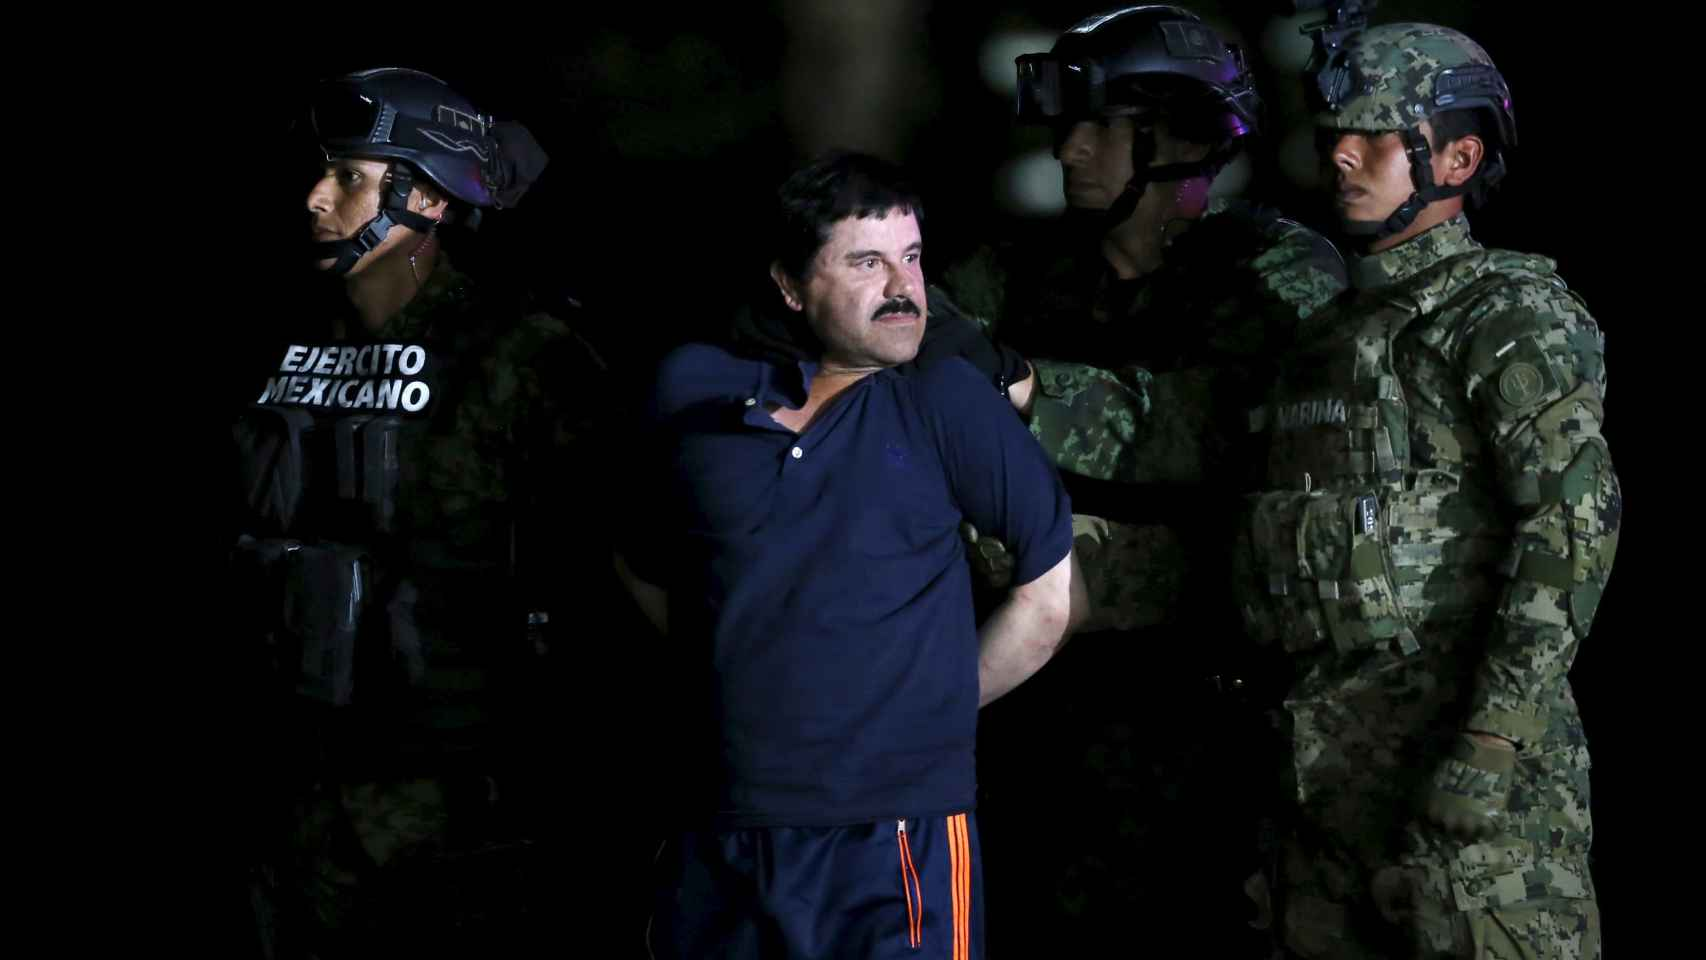 El Chapo Guzmán ¿convertido en zombie?